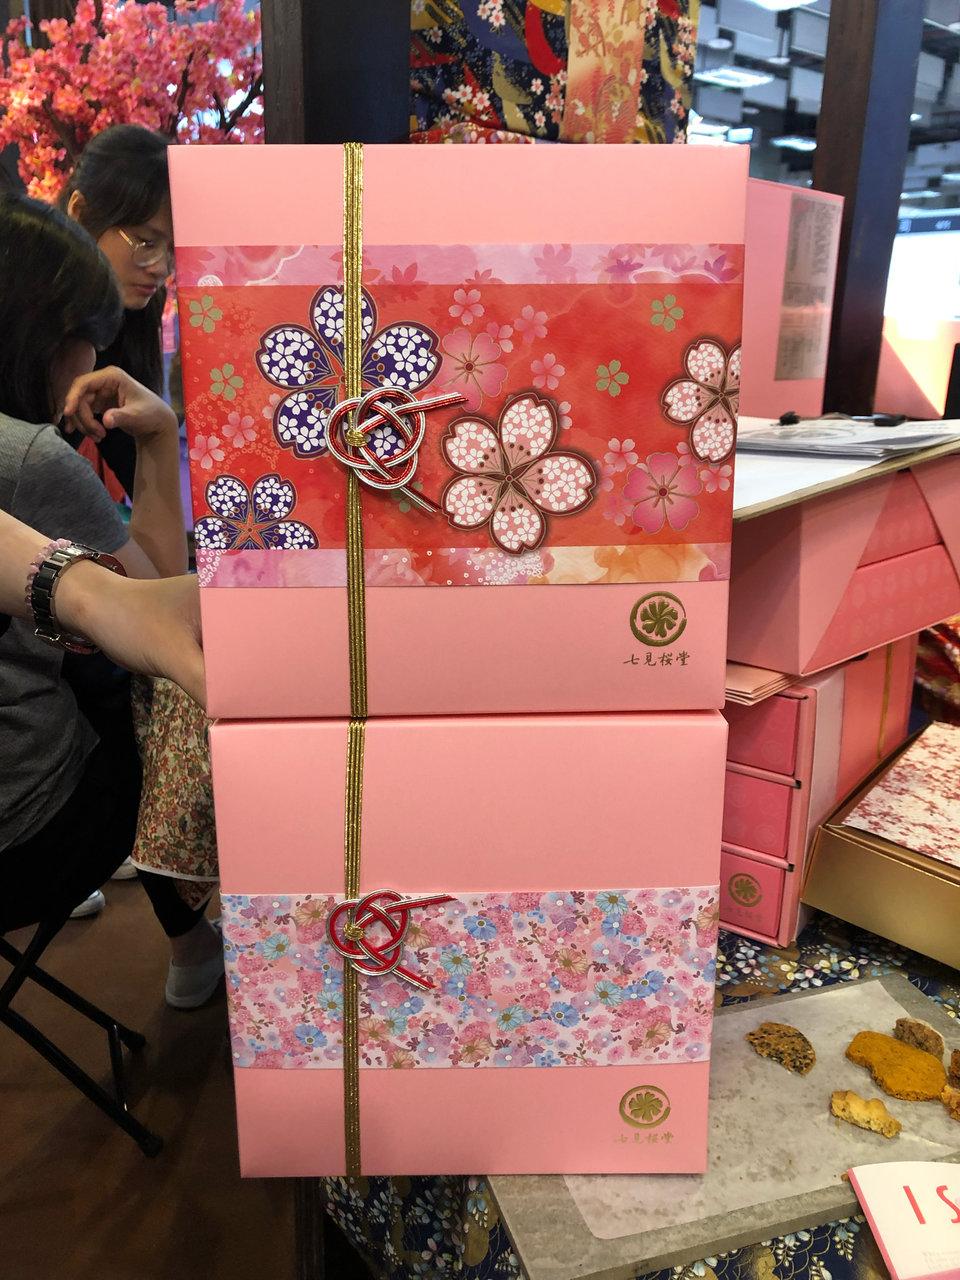 七見櫻堂手工喜餅,服務、包裝、口味都令人覺得滿意